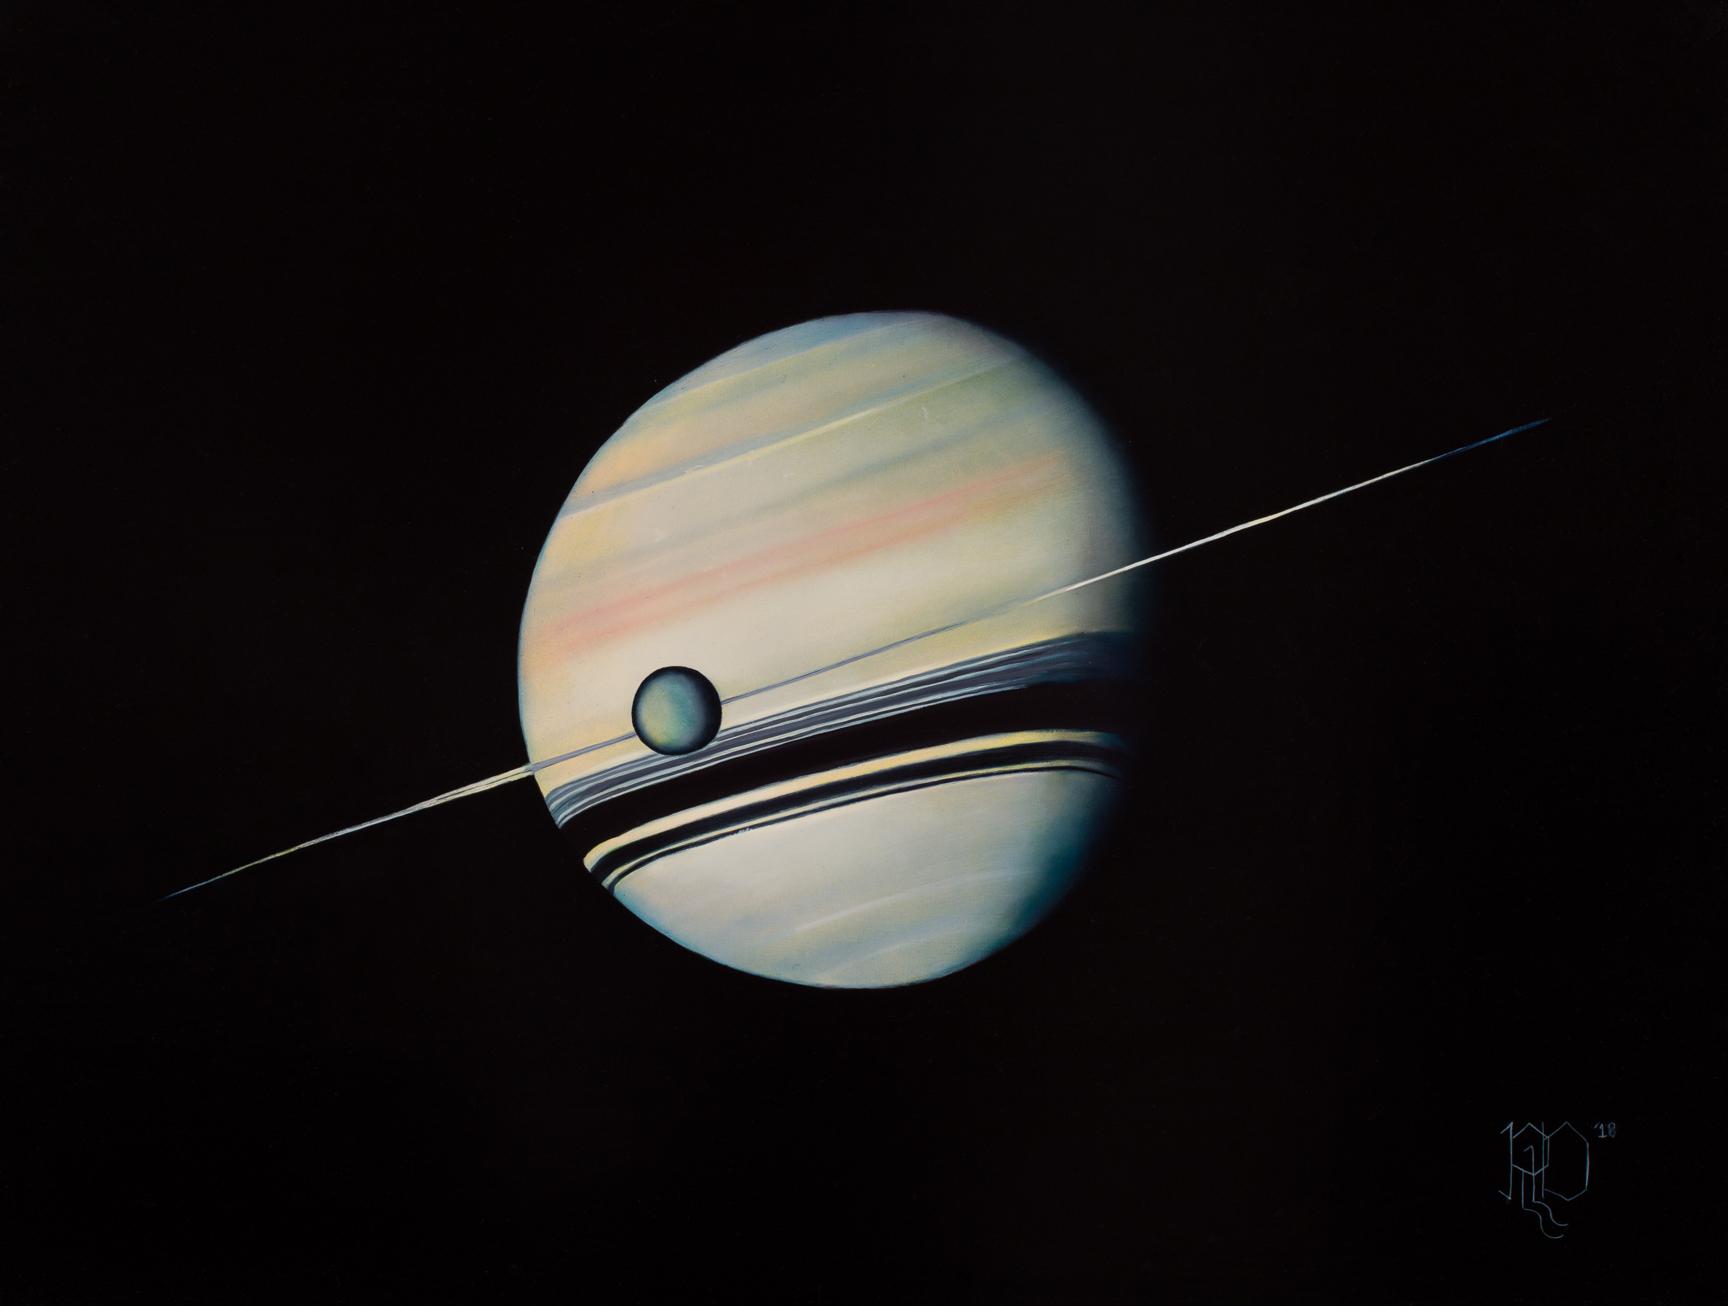 Cassini #2